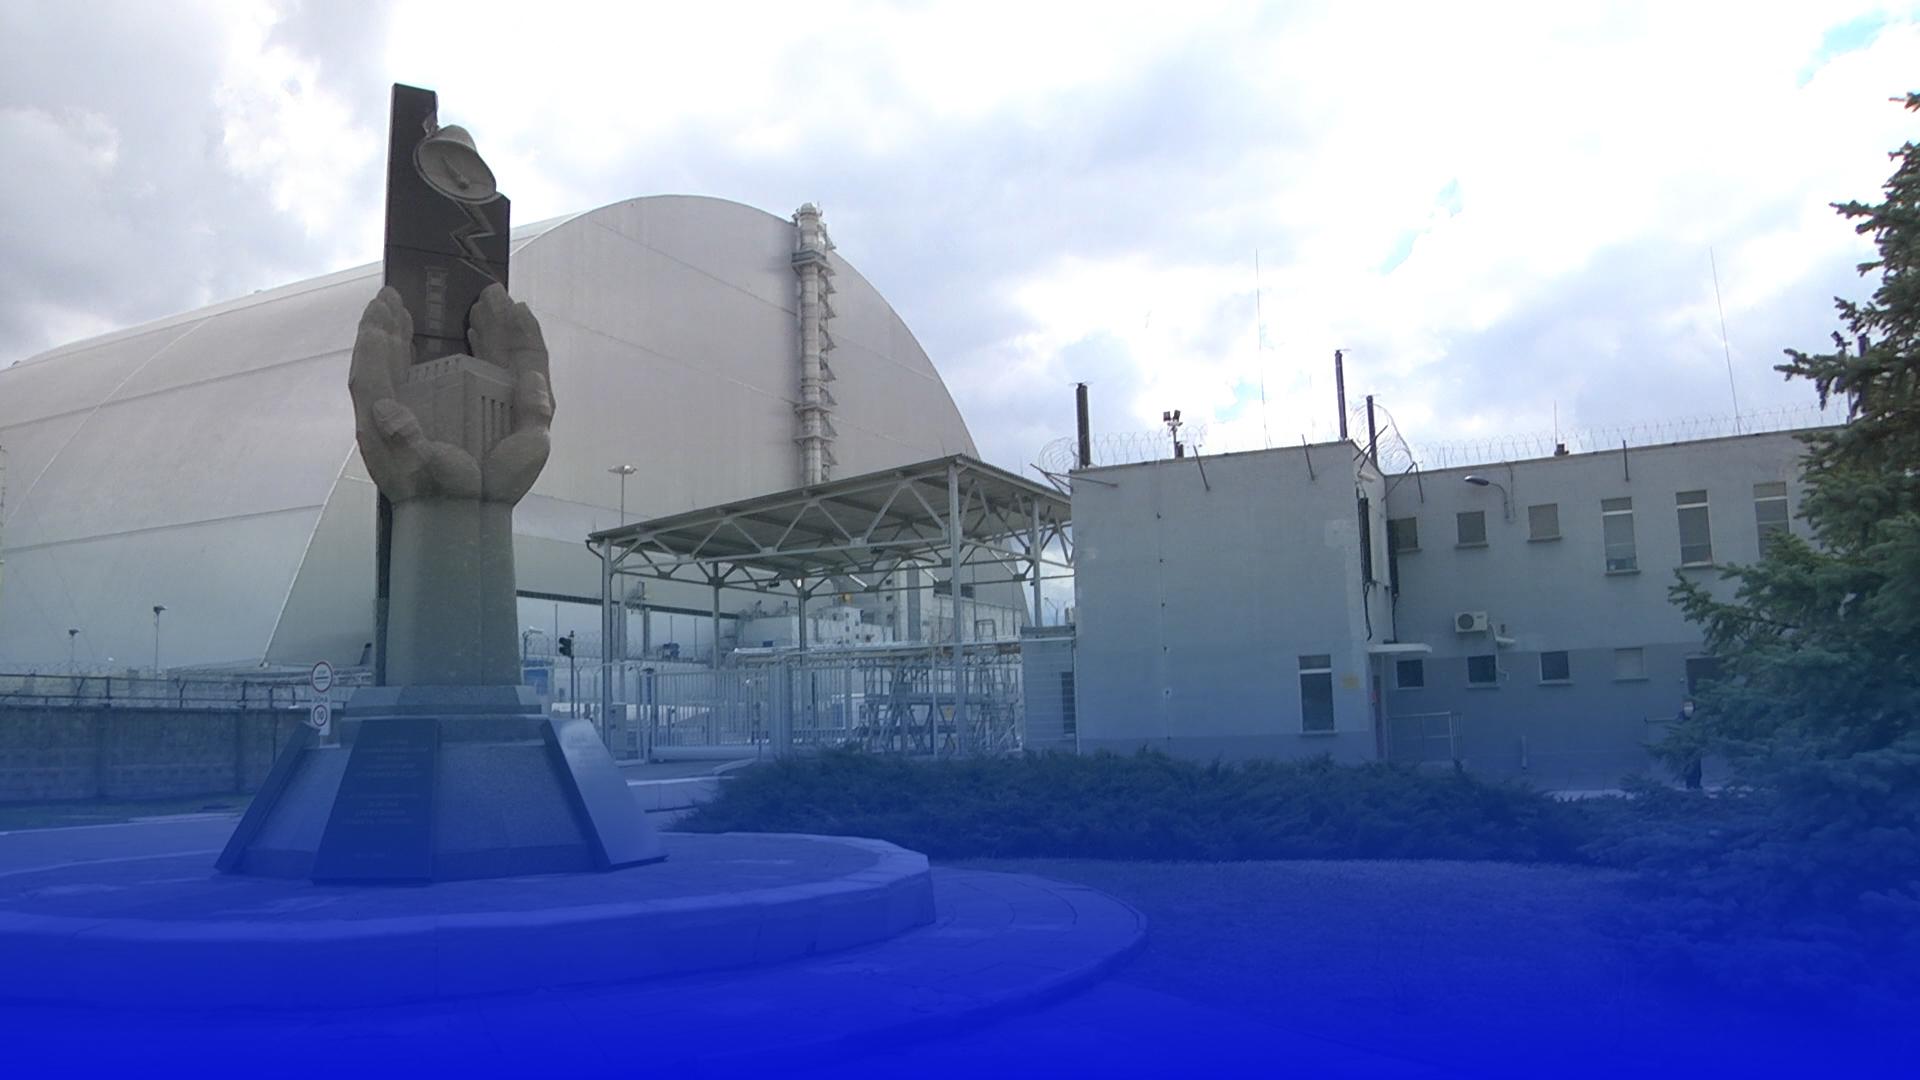 Життя біля реактора: тернополянка, яка працювала в Чорнобилі, вперше після трагедії поїхала в зруйноване місто